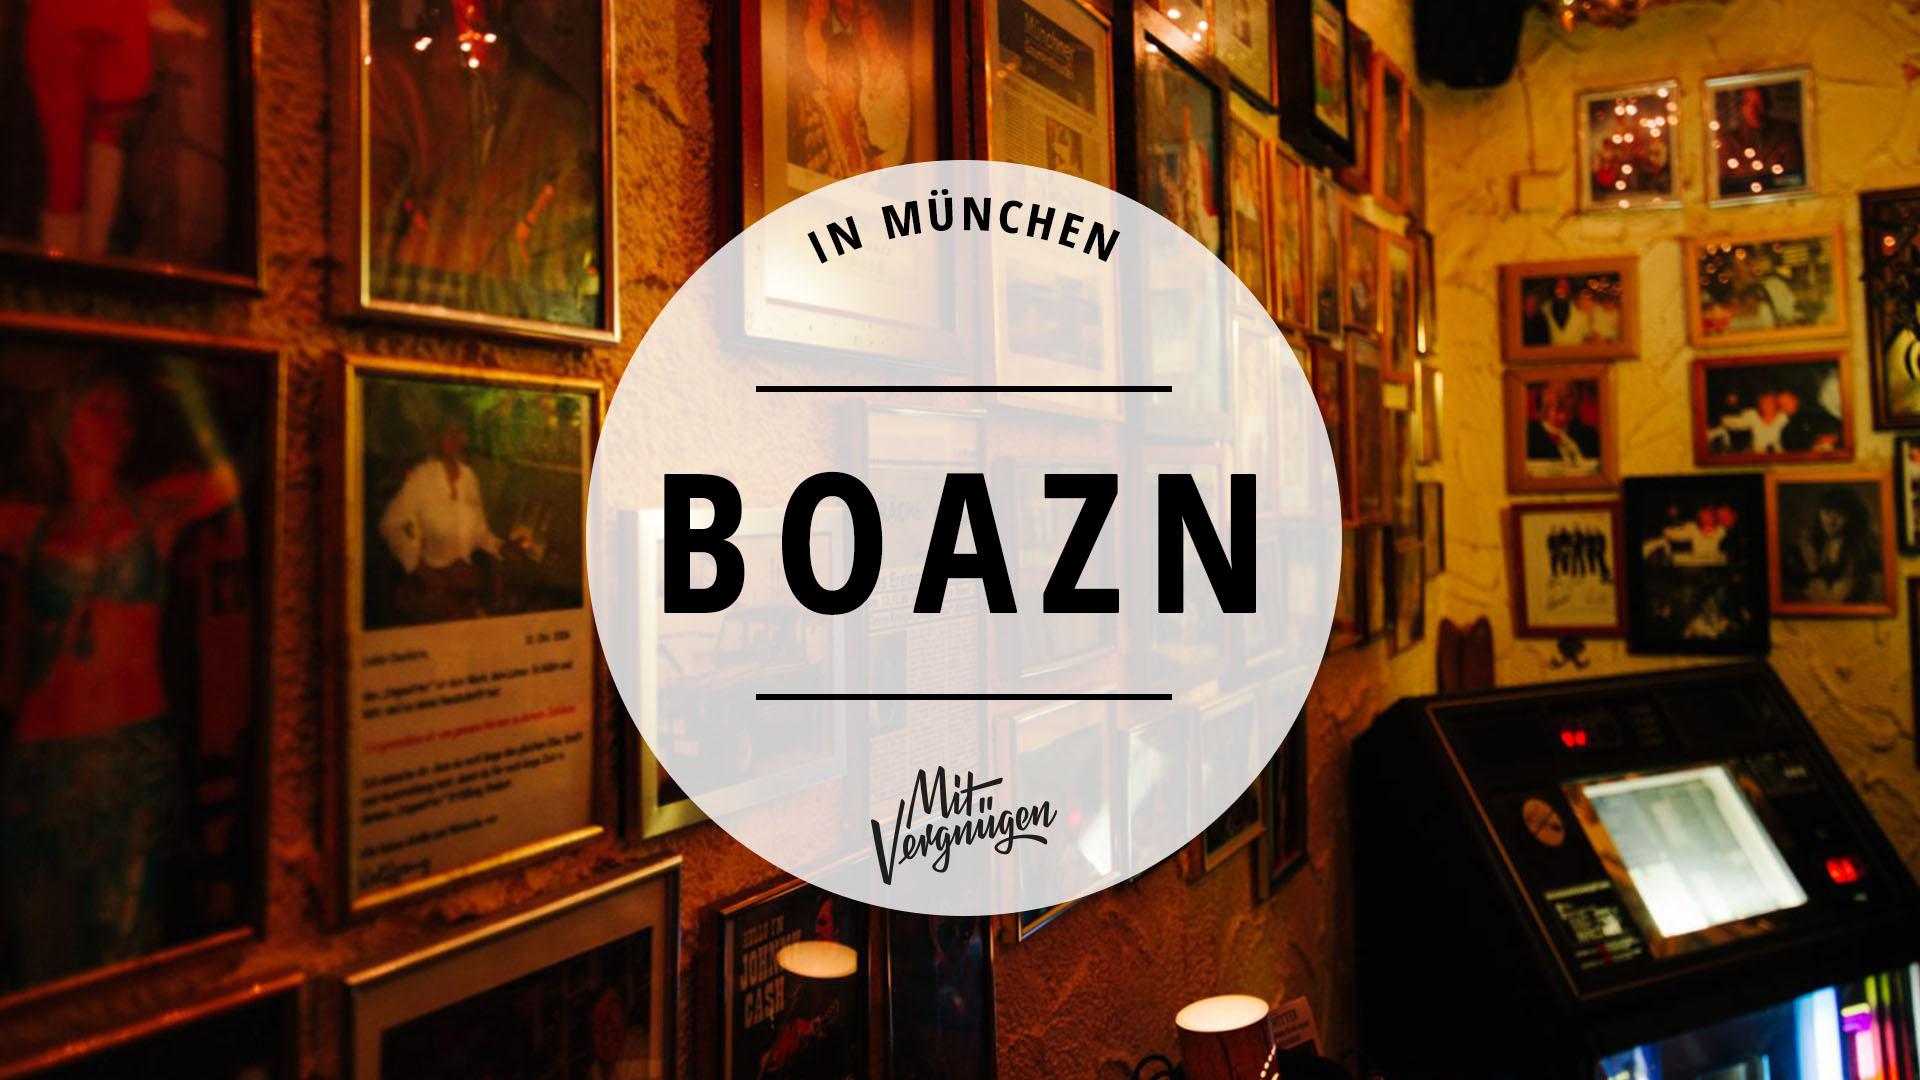 11 gute Boazn in München, in denen du mal trinken solltest